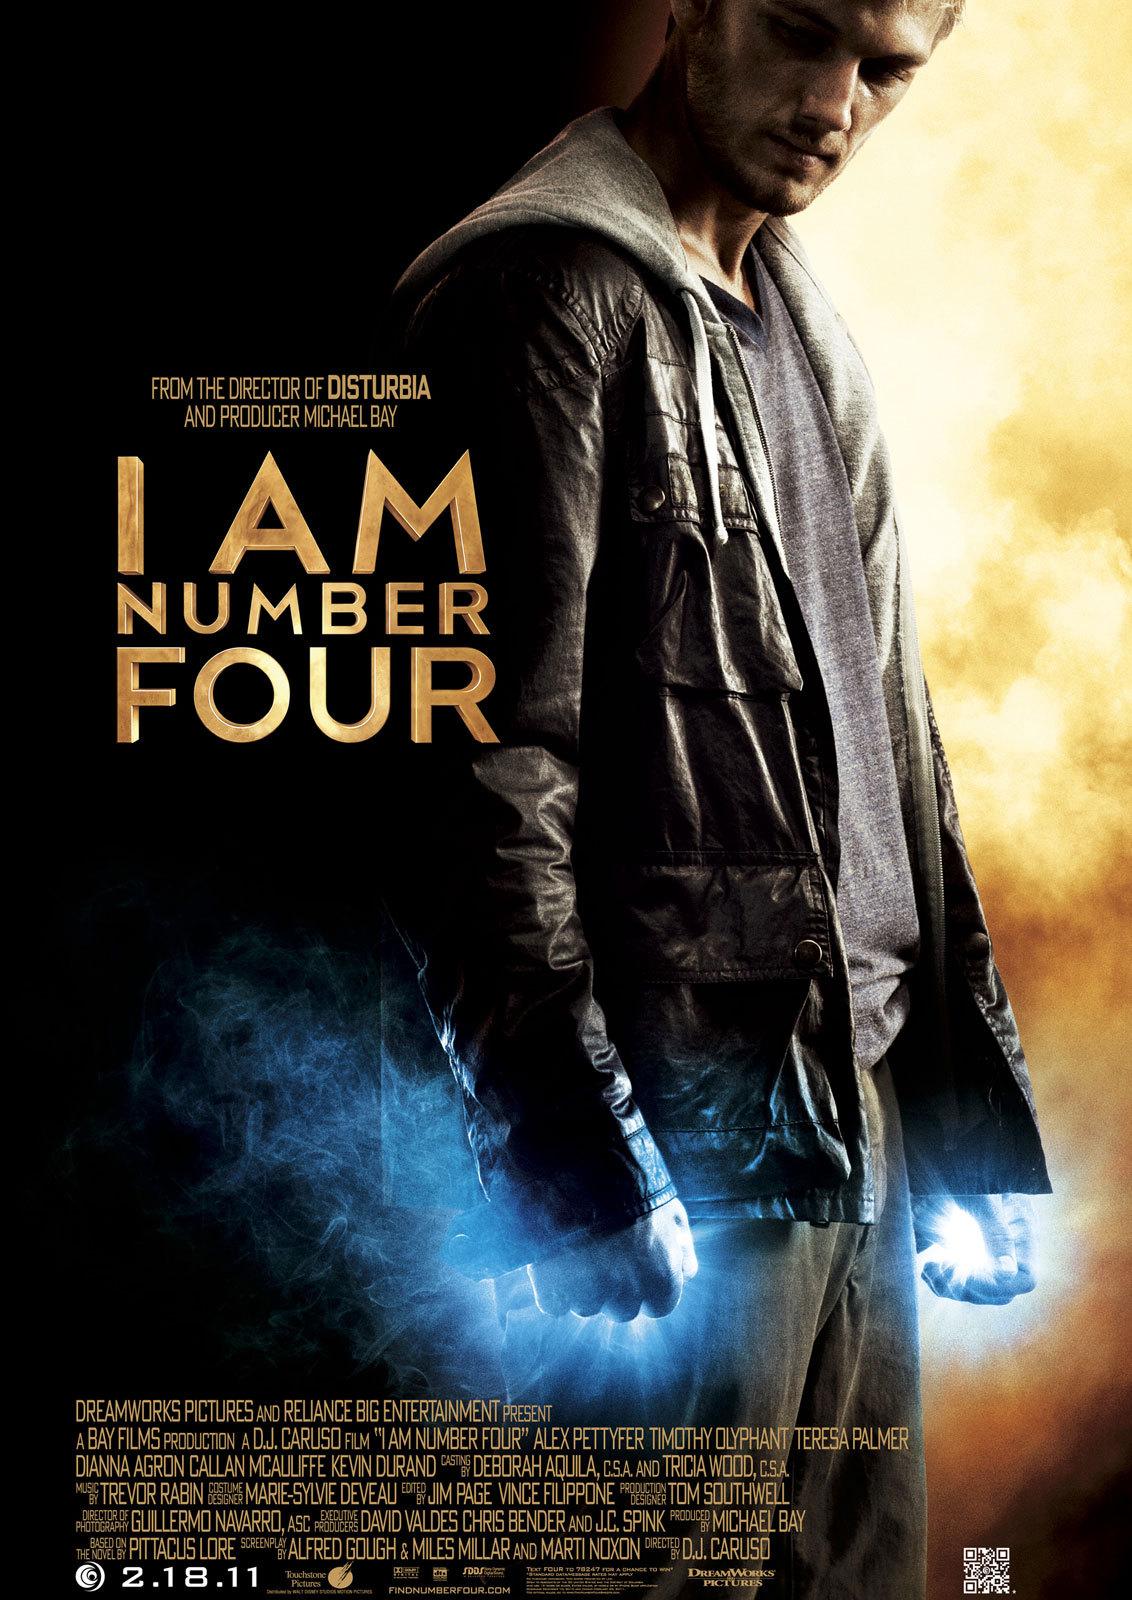 I Am Number Four (2011) Film over alien John Smit, die met negen andere kinderen naar de aarde is gestuurd, zodat zij later hun krachten kunnen bundelen in de strijd tegen de Mogodorians. Zijn bewaker, en voogd, Henri probeert John klaar te stomen voor de strijd tegen de Mogodorians, een buitenaards ras dat de laatst overgebleven Loriens willen uitroeien. Ze gaan van stad naar stad om de Mogodorians voor te blijven. In de laatste stad waar zij aankomen ontmoet John de mooie Sarah, waardoor hij besluit klaar te zijn met vluchten. I Am Number Four is een film die je niet serieus kan nemen. De low-budget effects en het, overbekende script, zijn matig in elk aspect. De film lijkt eerder een slechte tiener science-fiction serie, dan een film. Een slechte 'jeugd'aflevering van de X-Files of van de serie Roswell. Het helpt ook niet dat de protagonist niet kan acteren. Op een gegeven moment wens je dat de Mogodorians hem snel vinden om hem te onthoofden. De Mogodorians, slecht uitziende punk/gothic-aliens, houden, trouwens, het internet in de gaten in de zoektocht naar John en rijden 'onopvallend' als creepe guys rond. Vrij belachelijk, zoals de hele film. Nee, I Am Number Four verdient het cijfer 'four'. 1.5/5 4/10